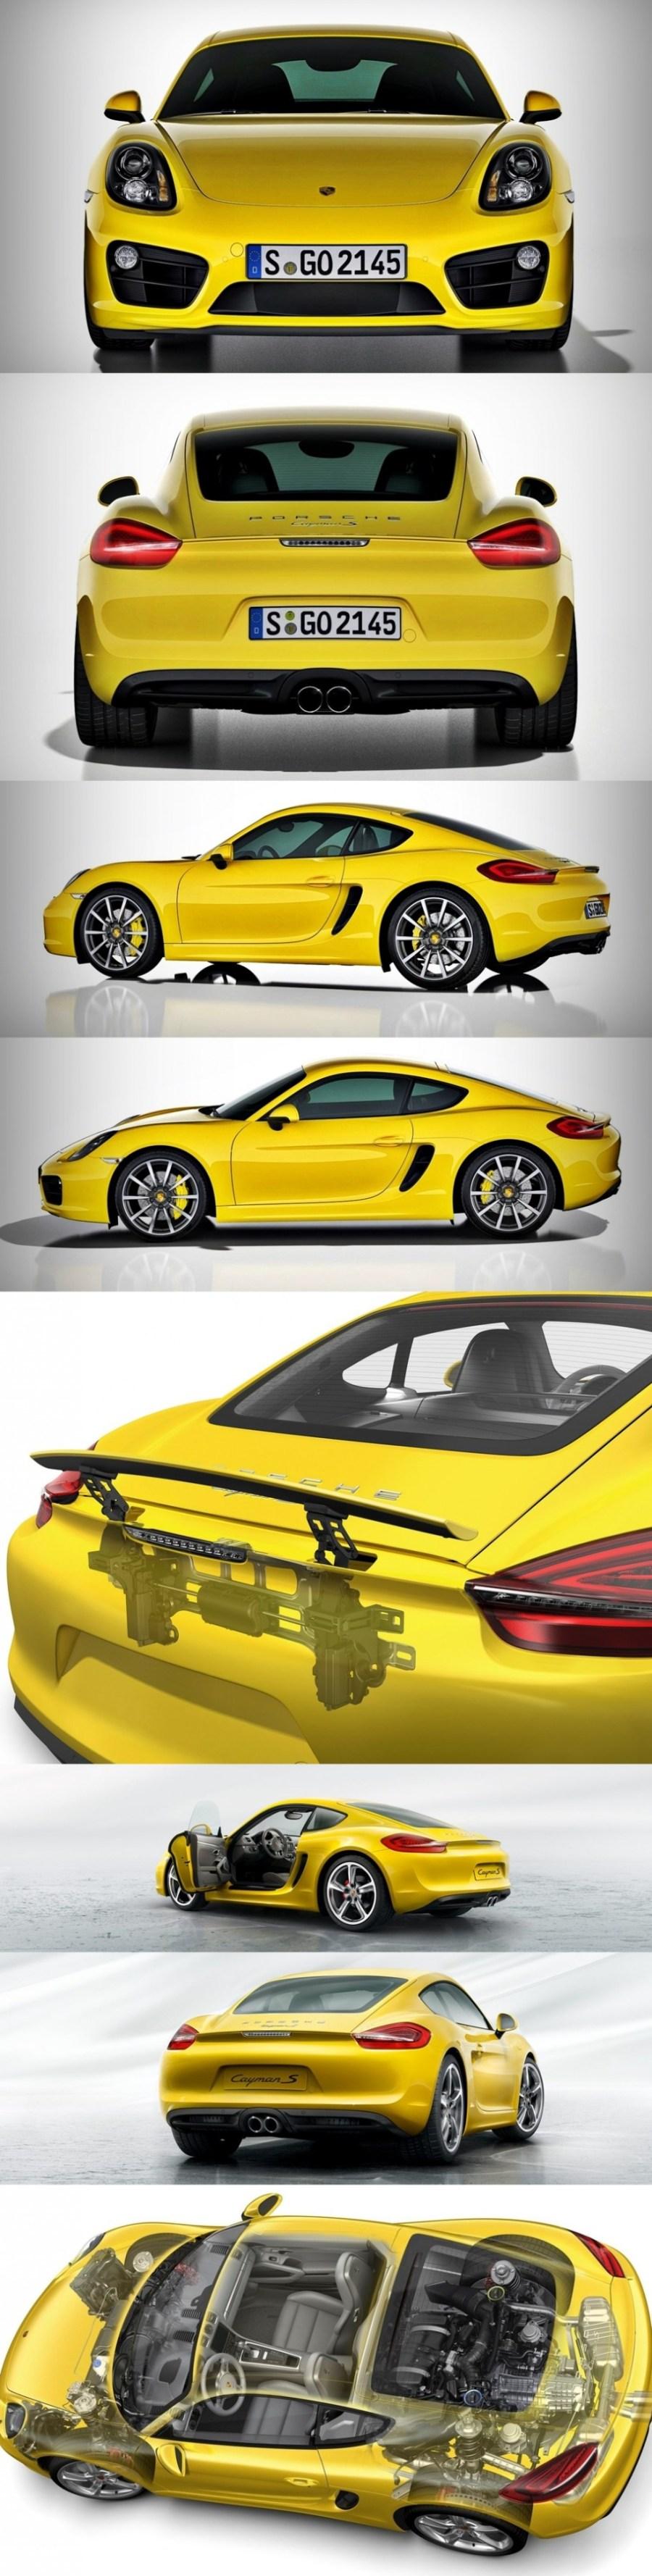 CarRevsDaily - Porsche CAYMAN Buyers Buide Photos 35-vert